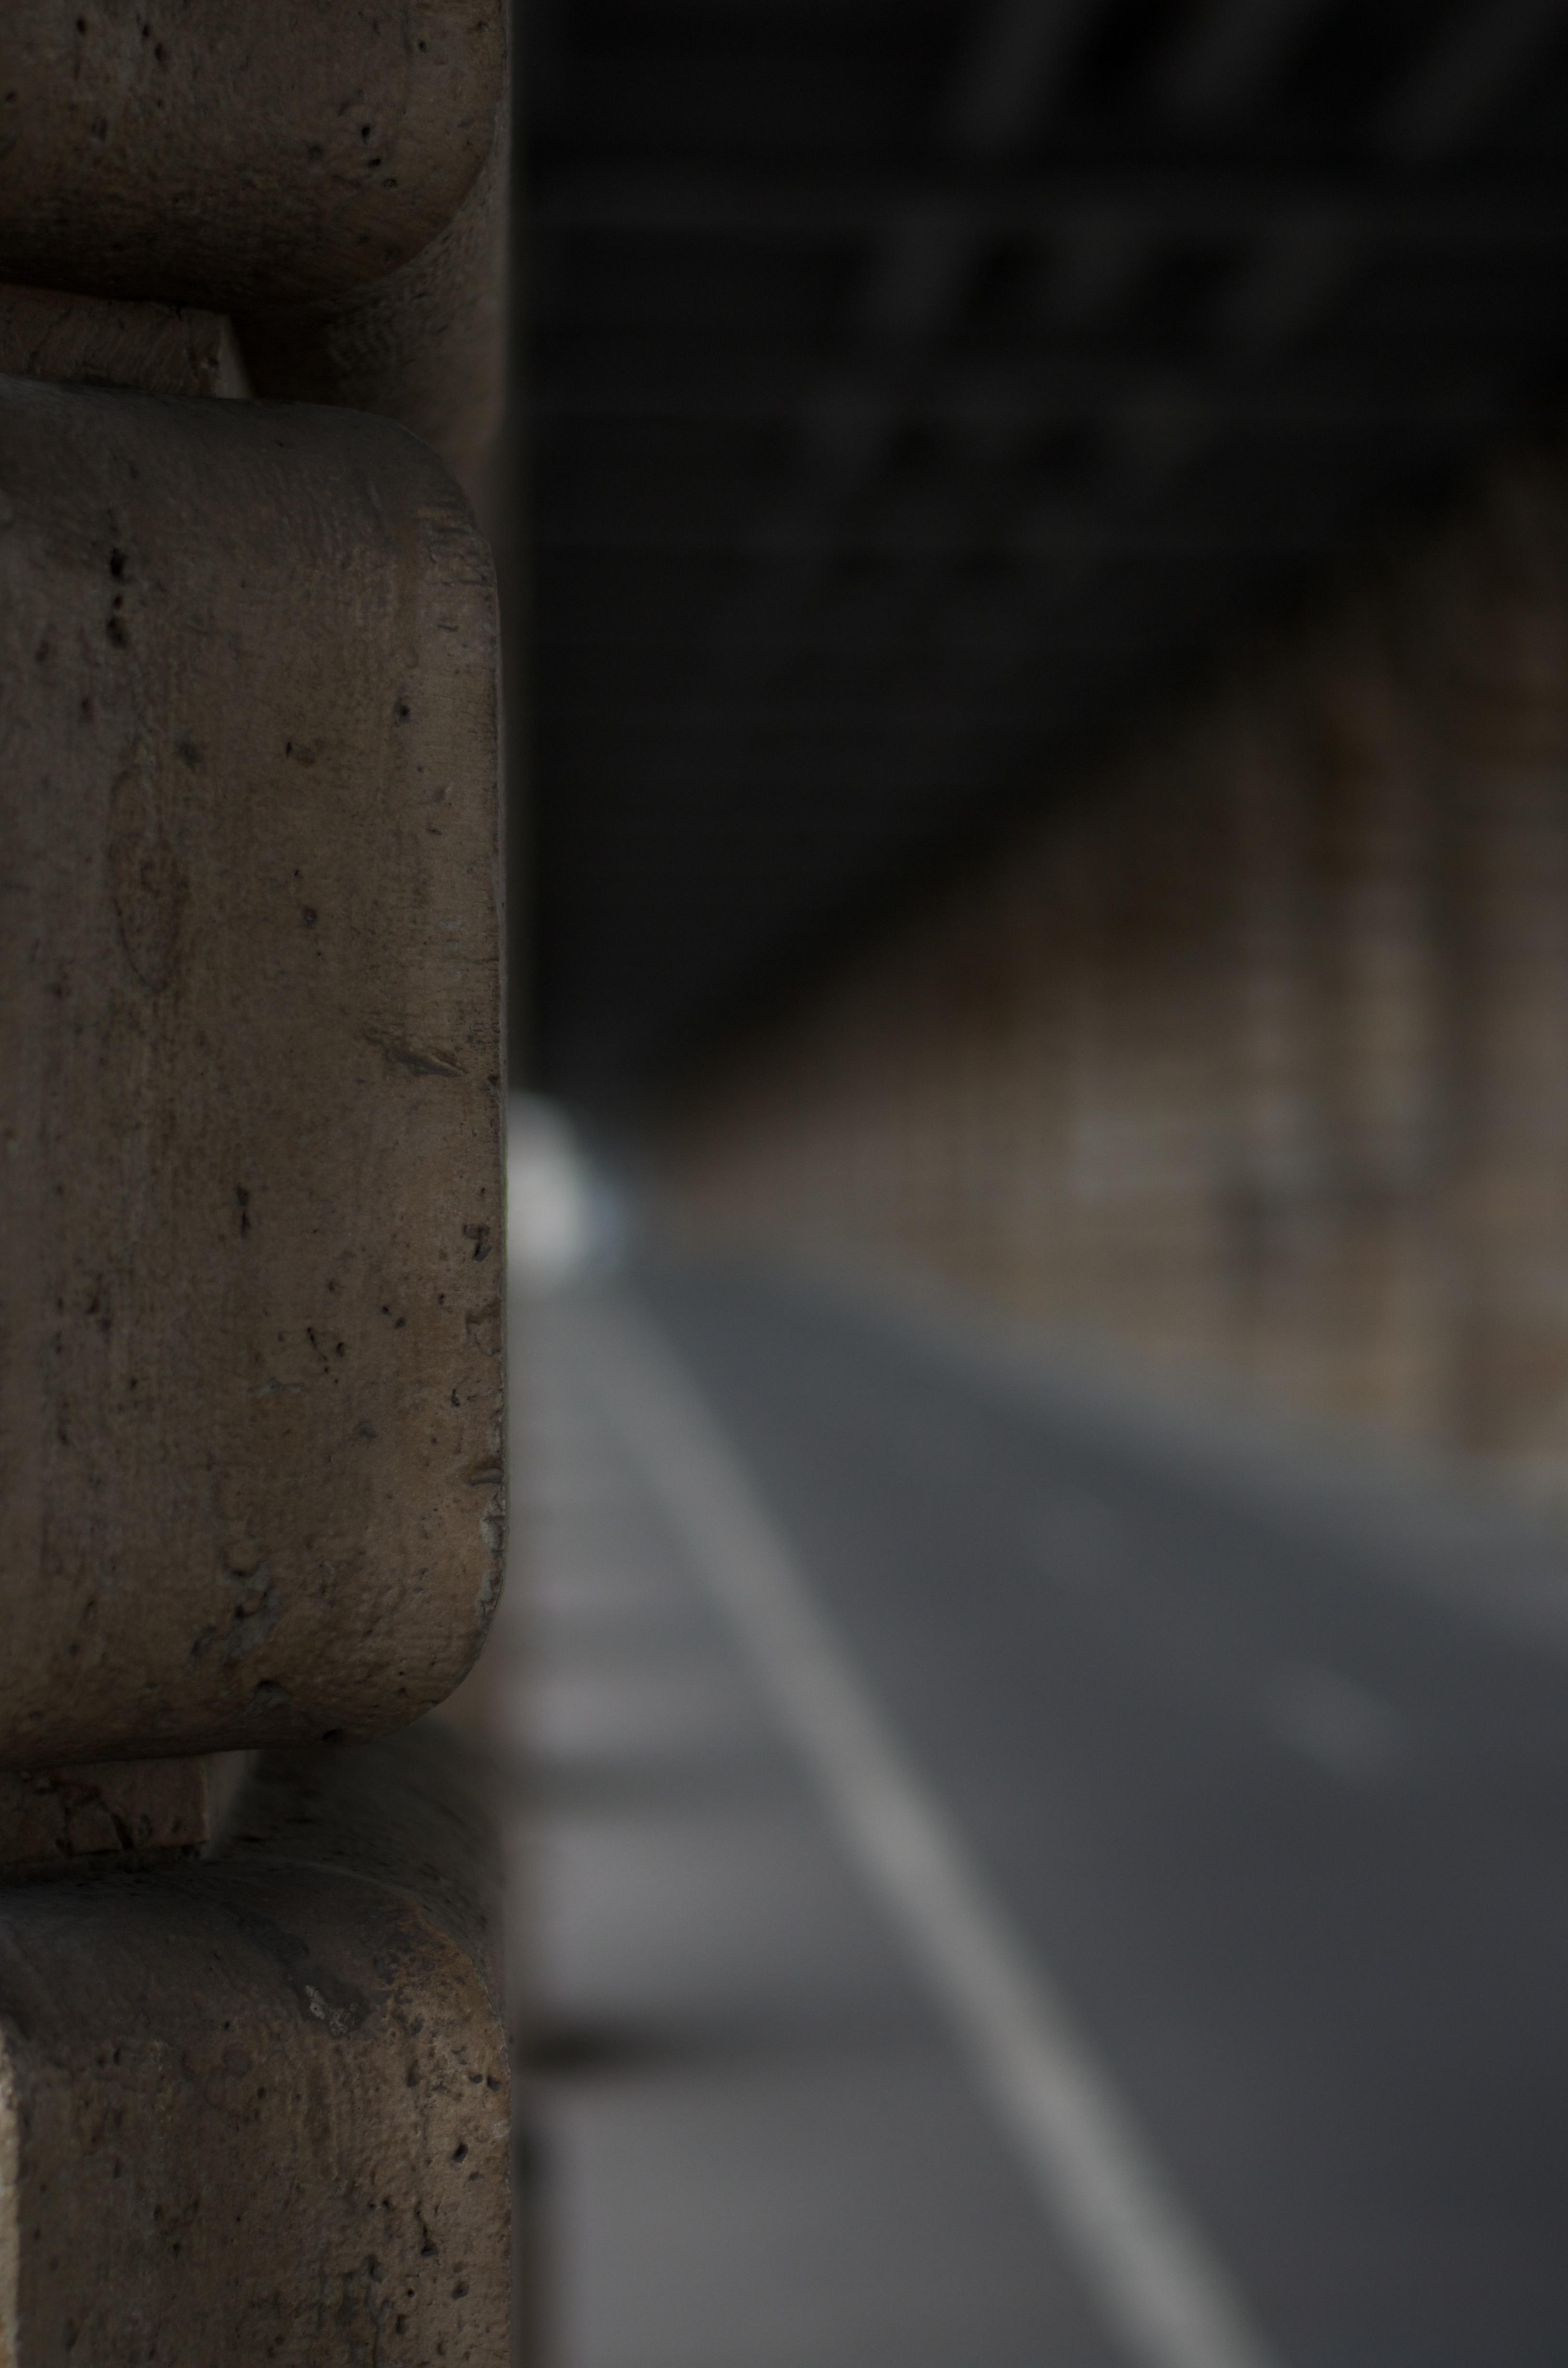 pont-de-bercy_14033477645_o